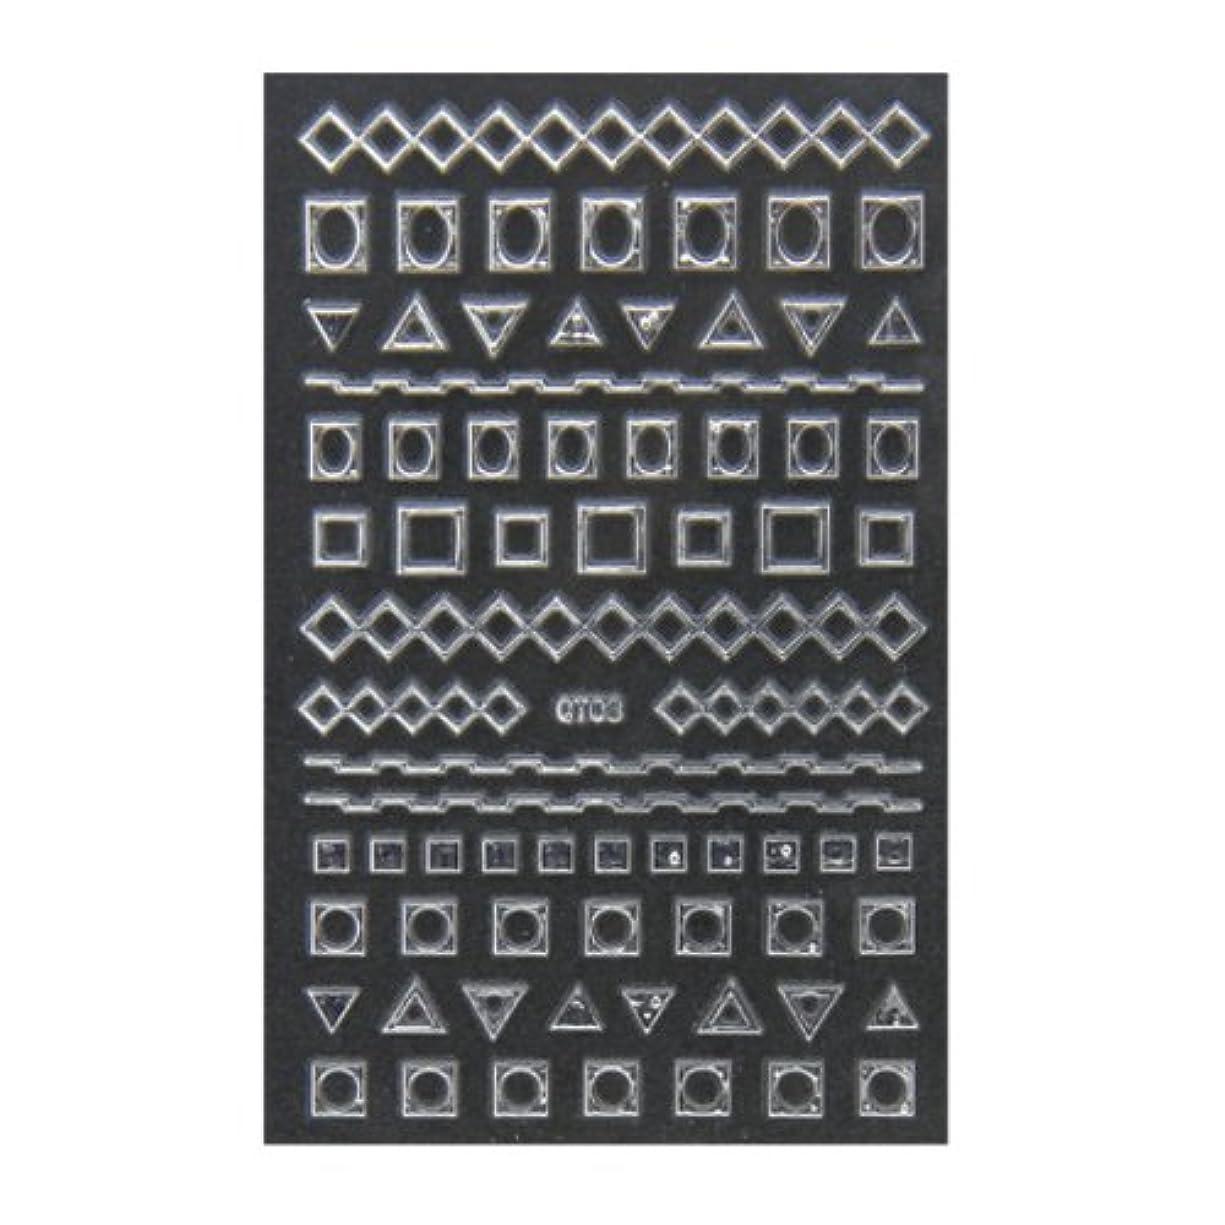 議会イースター値するネイルシール 3D ネイルシート ファッションネイル メタリックシール34 (ネイル用品)